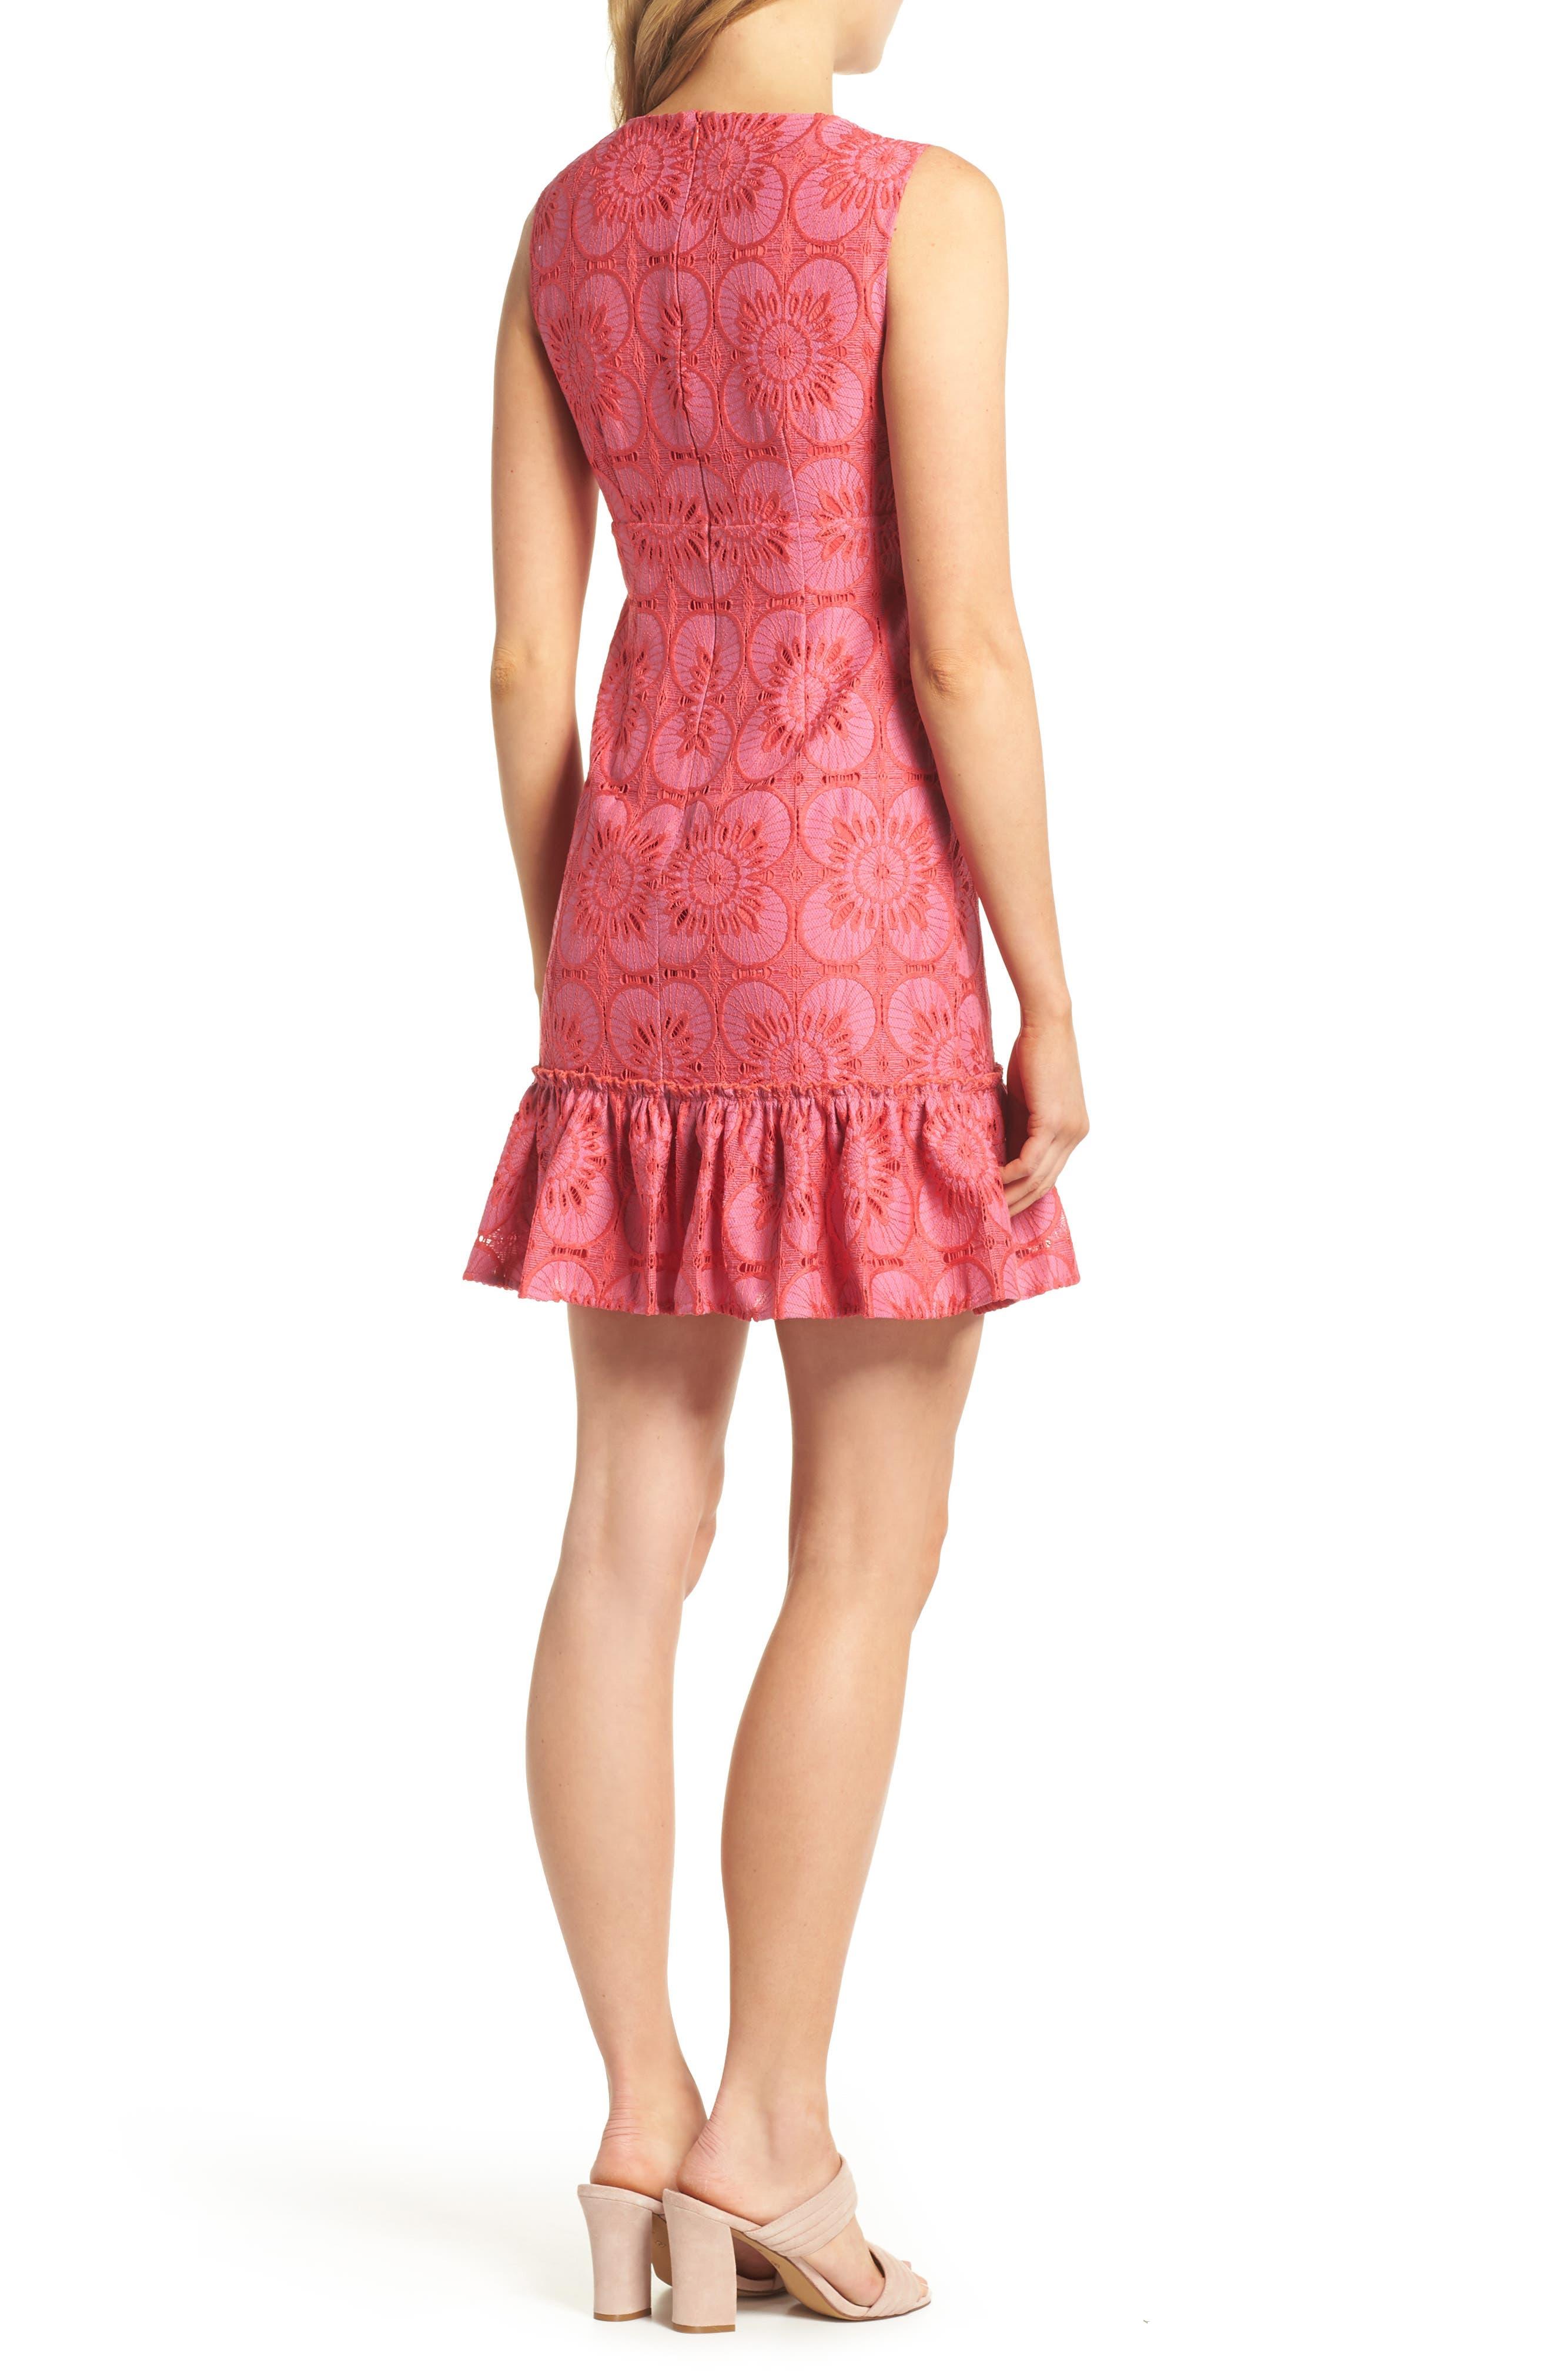 Carpinteria Lace Ruffle Hem Dress,                             Alternate thumbnail 2, color,                             650